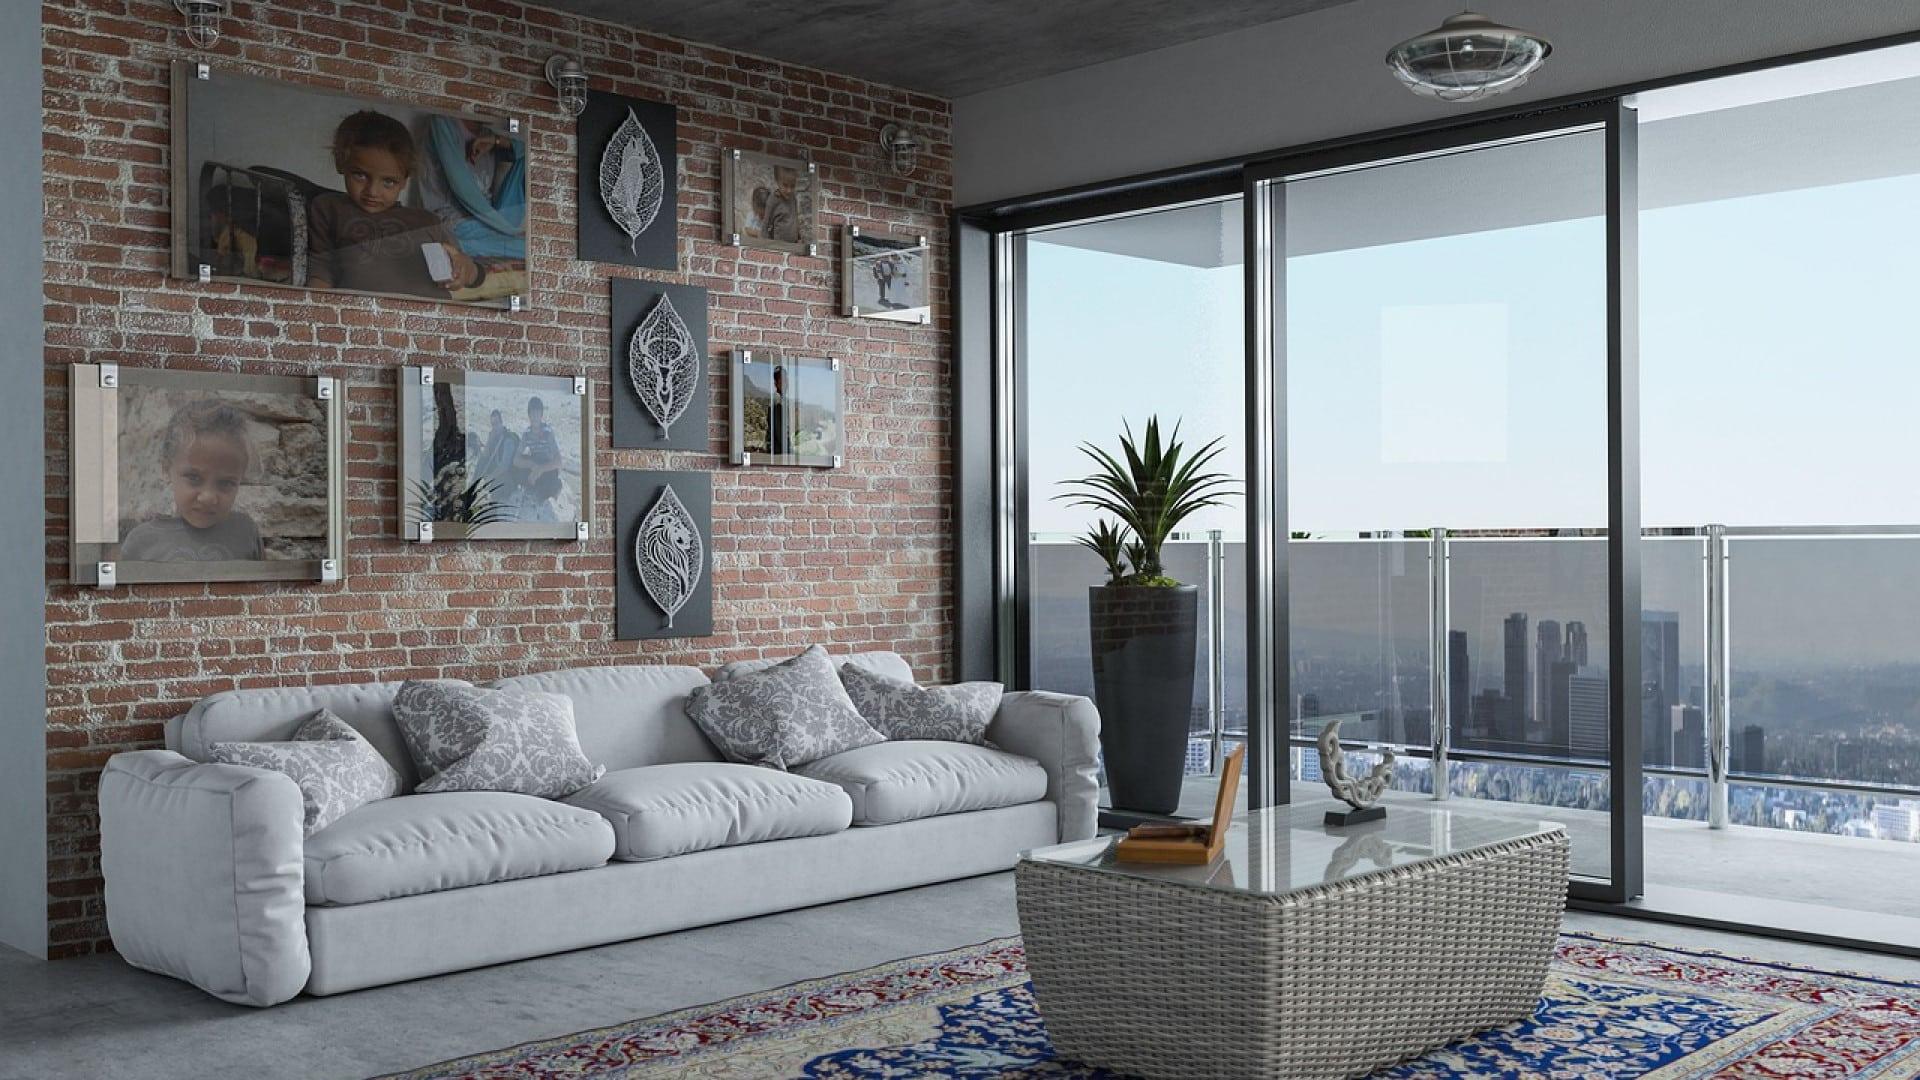 quelques conseils pour acheter son premier logement mon. Black Bedroom Furniture Sets. Home Design Ideas